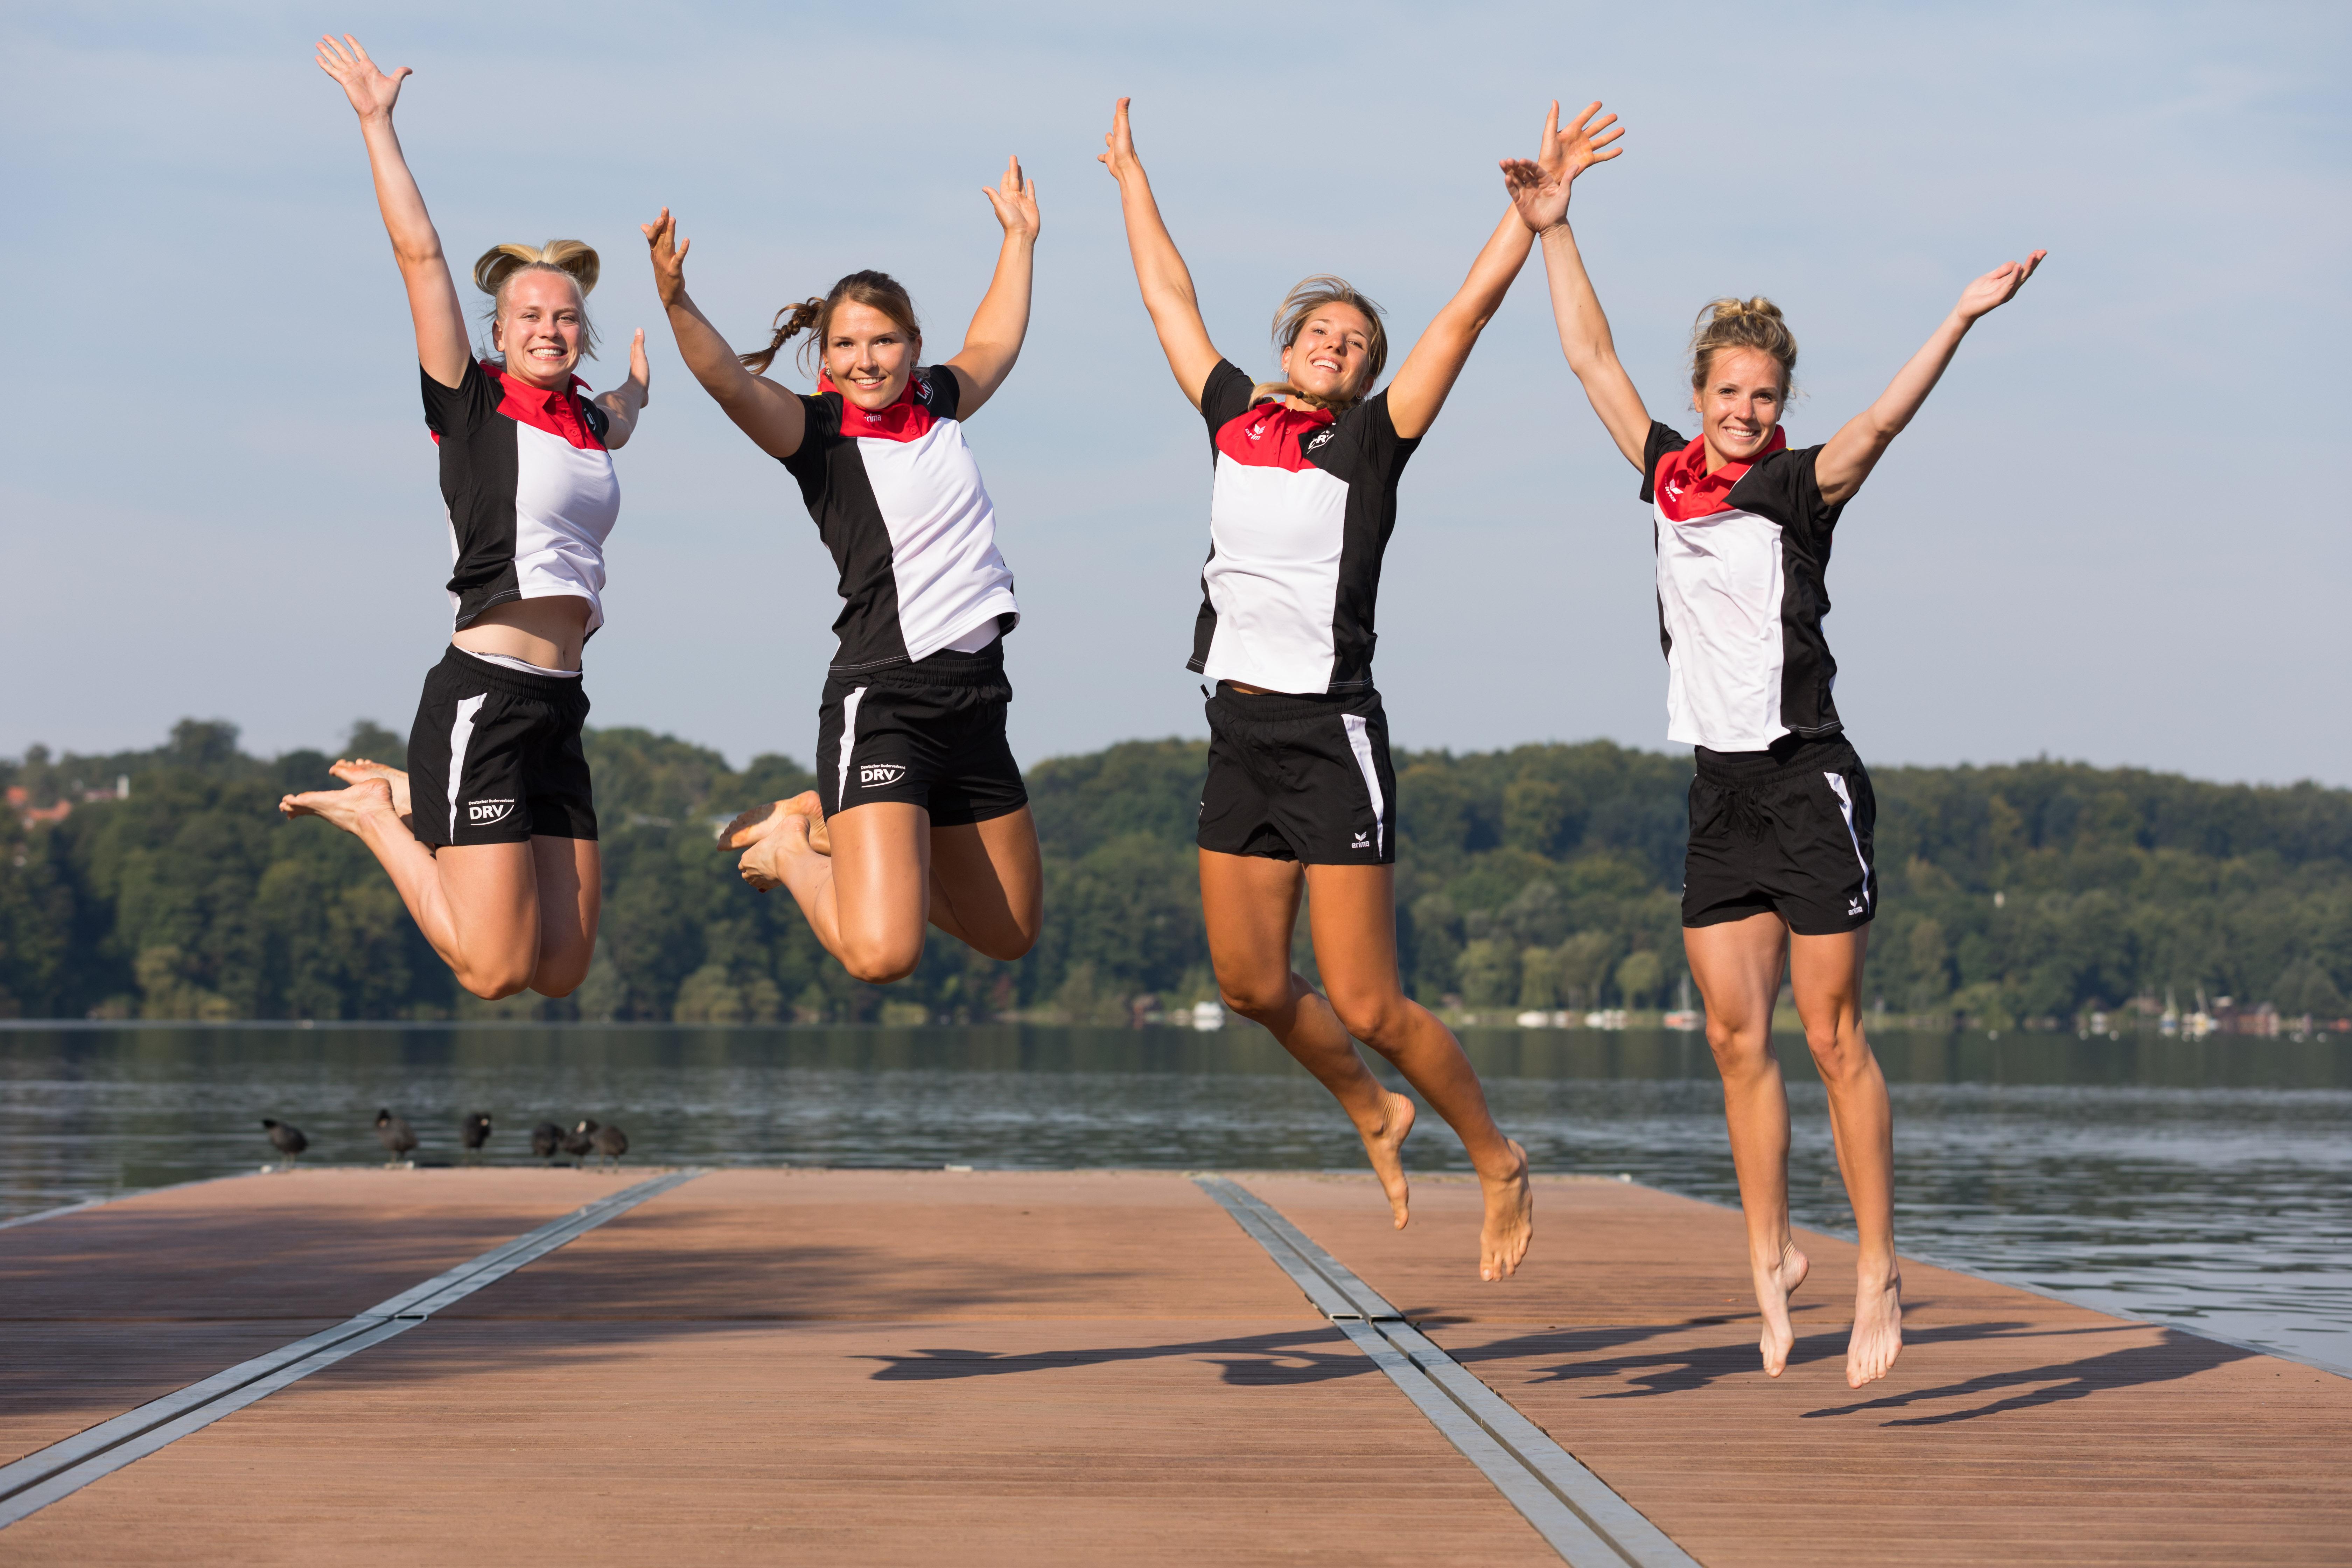 Vier junge Frauen in Sportkleidung springen auf einem Steg in die Höhe